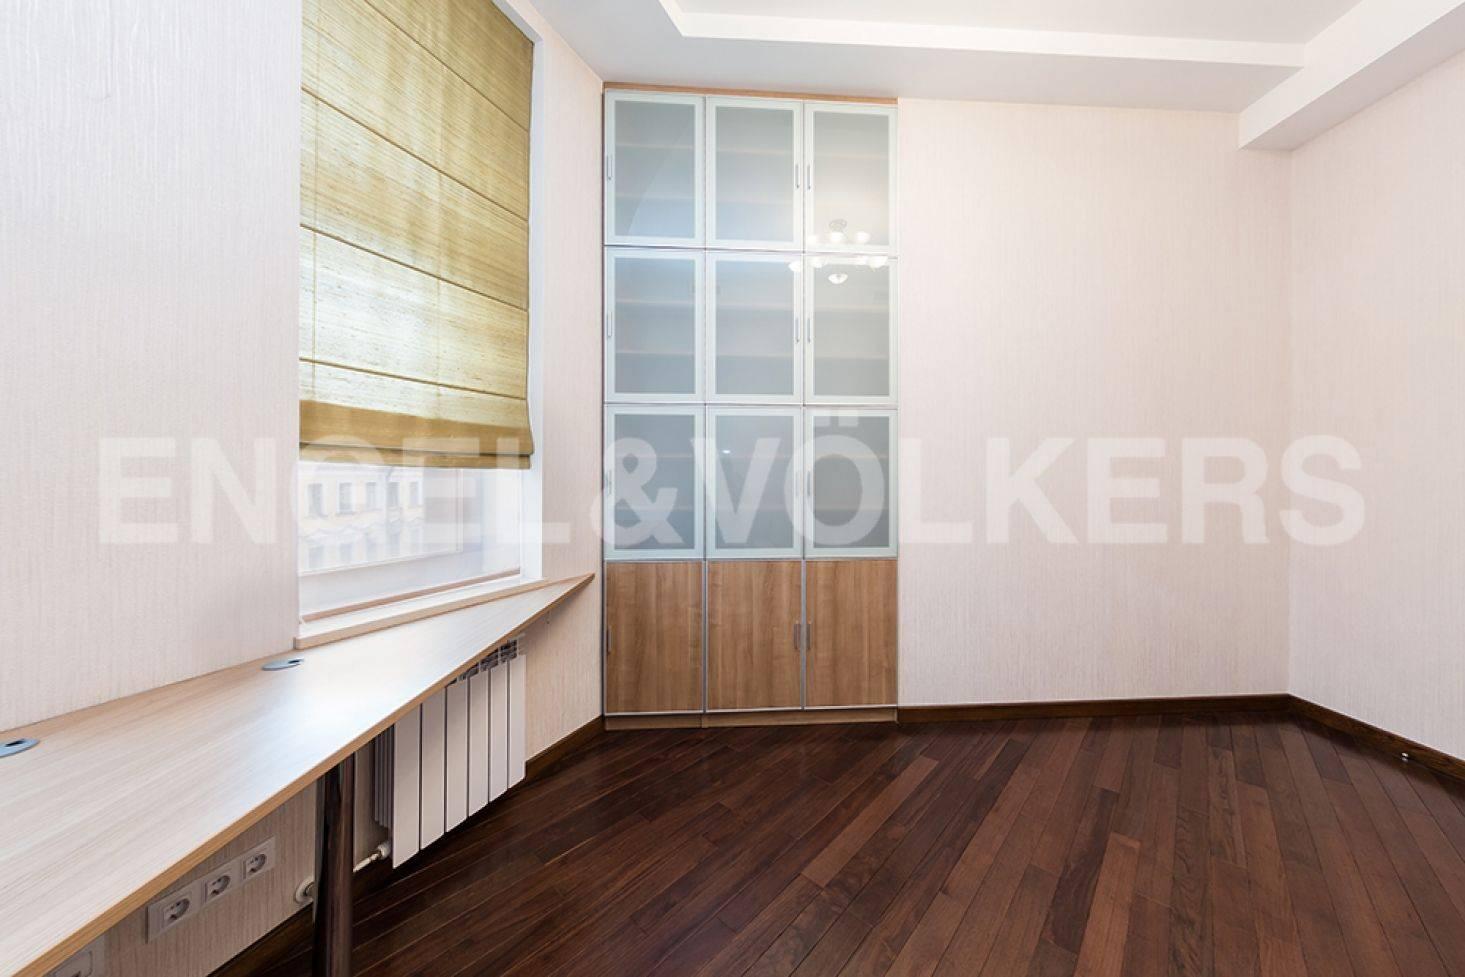 Элитные квартиры в Центральном районе. Санкт-Петербург, ул. Восстания 8А . Гостевая спальня (либо кабинет, либо детская)